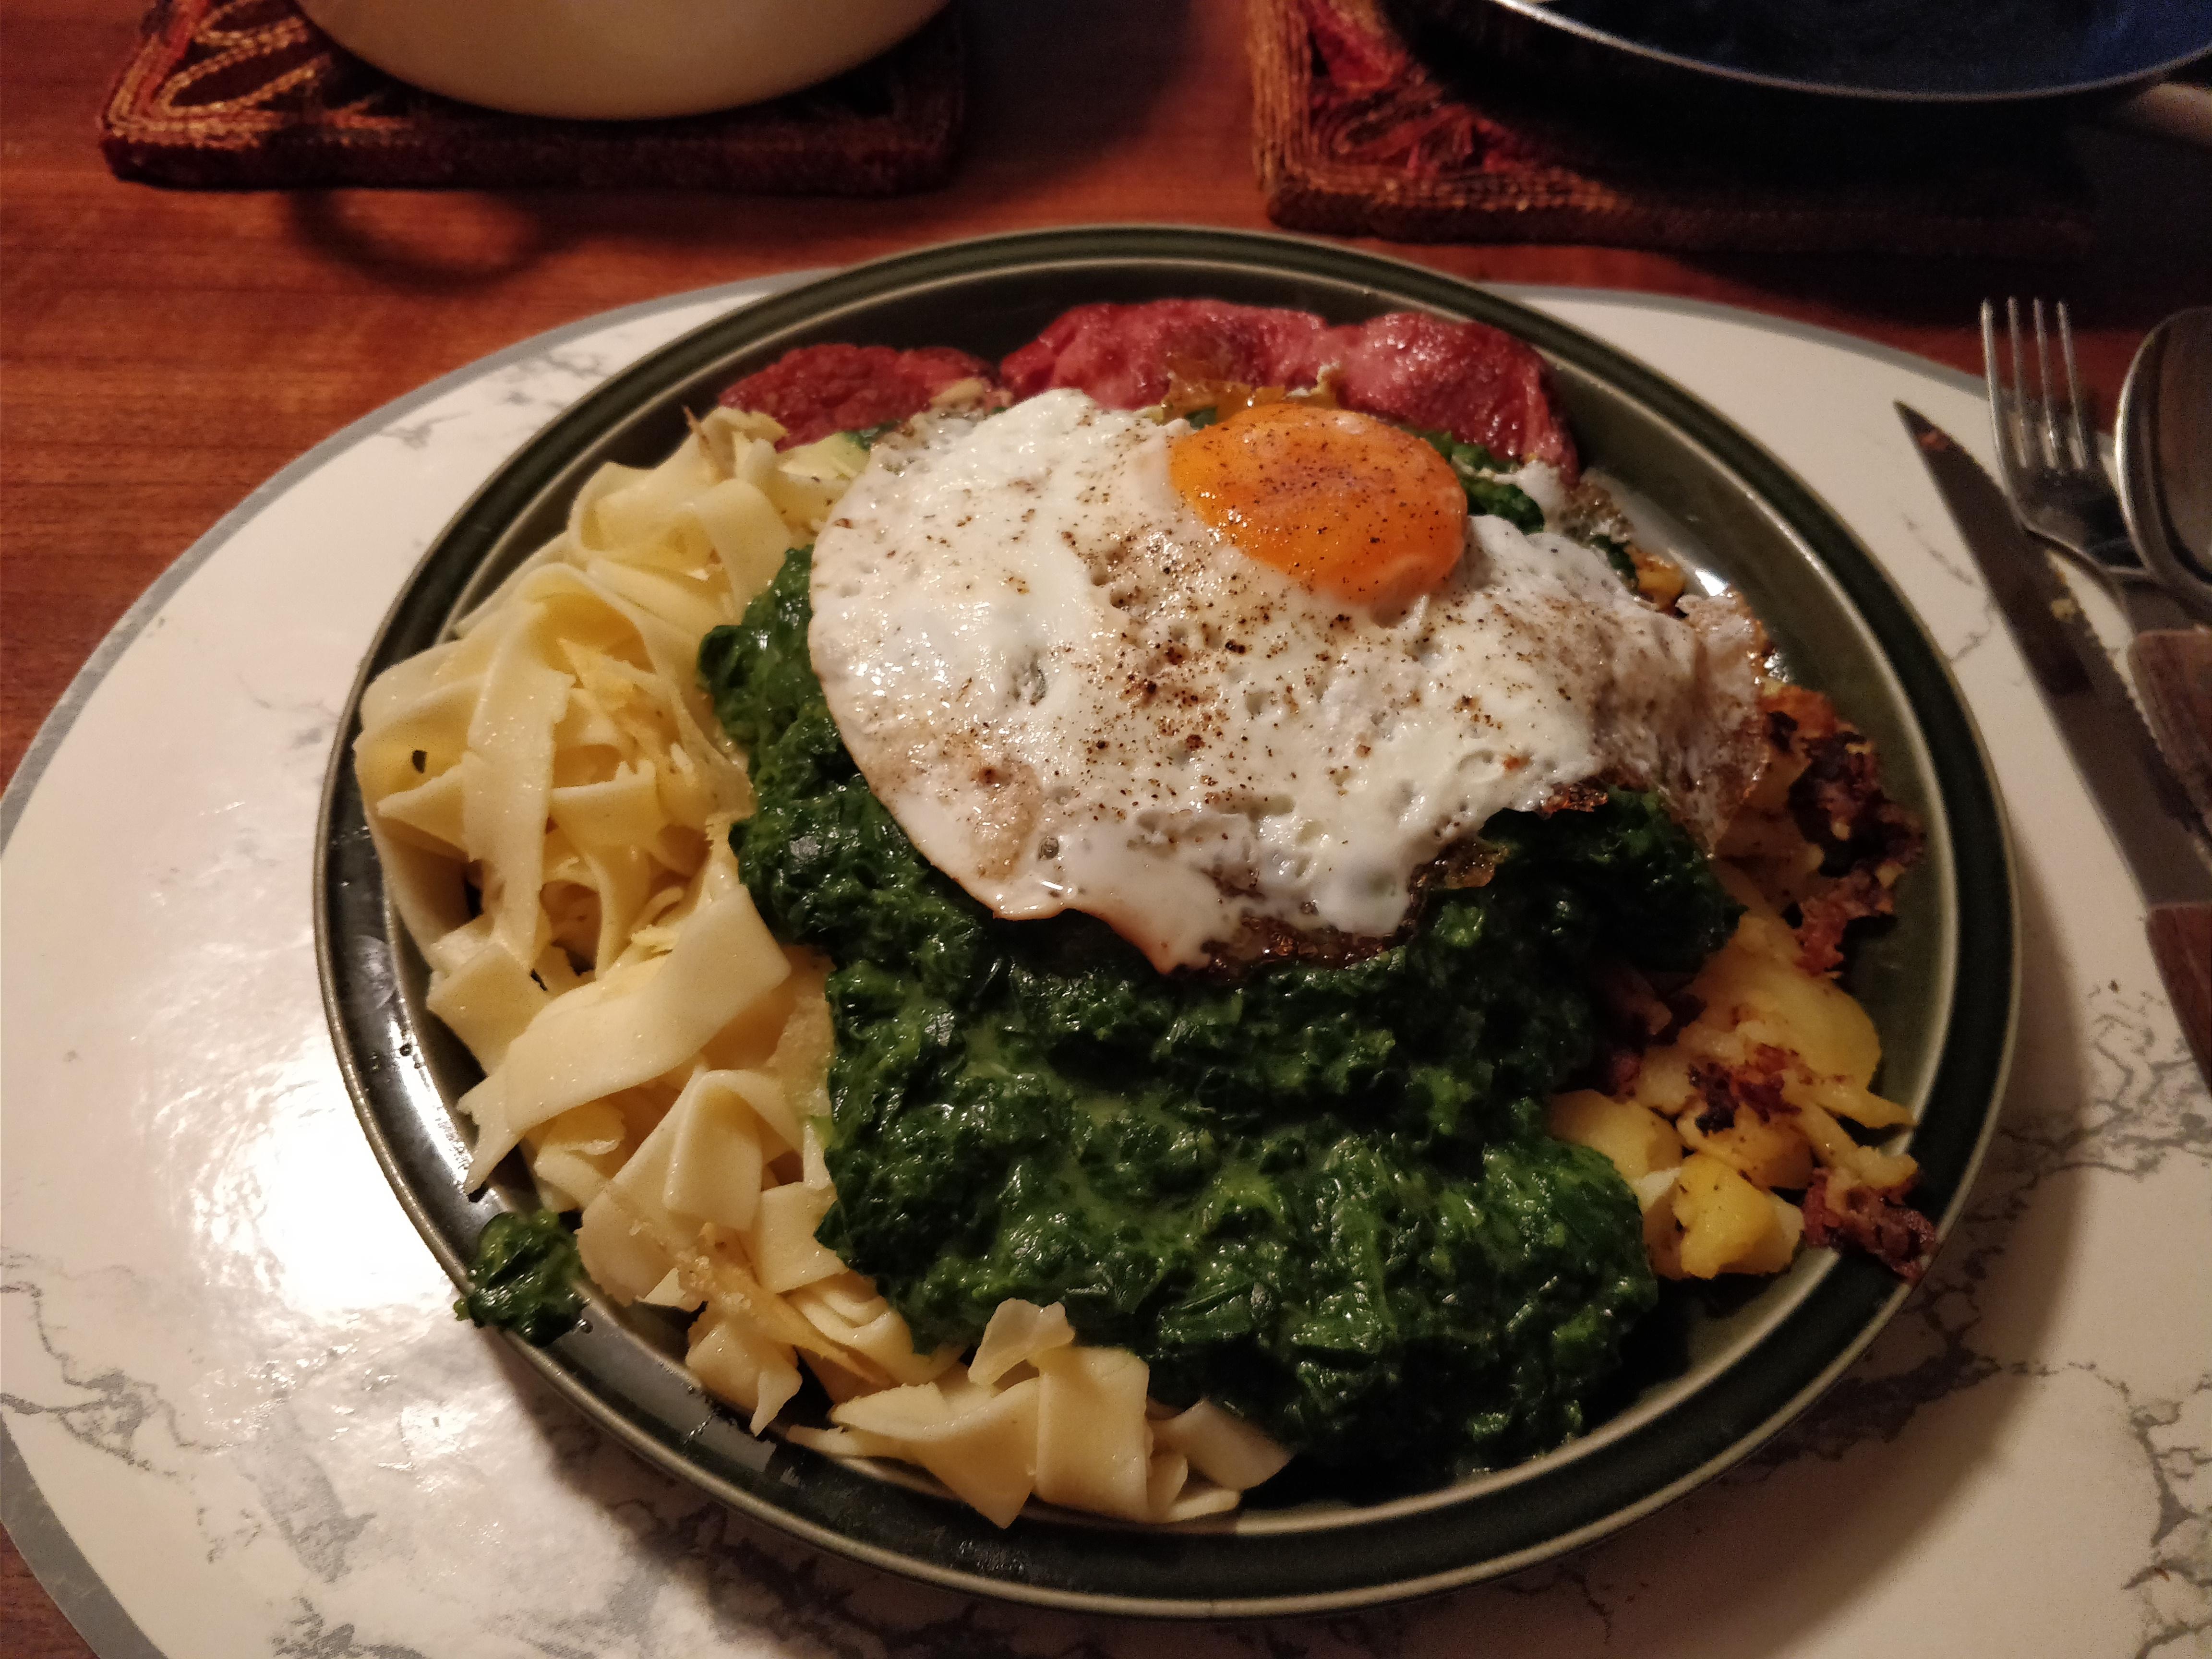 http://foodloader.net/nico_2017-09-13_fleischkaese-nudeln-bratkartoffeln-spinat-spiegelei.jpg